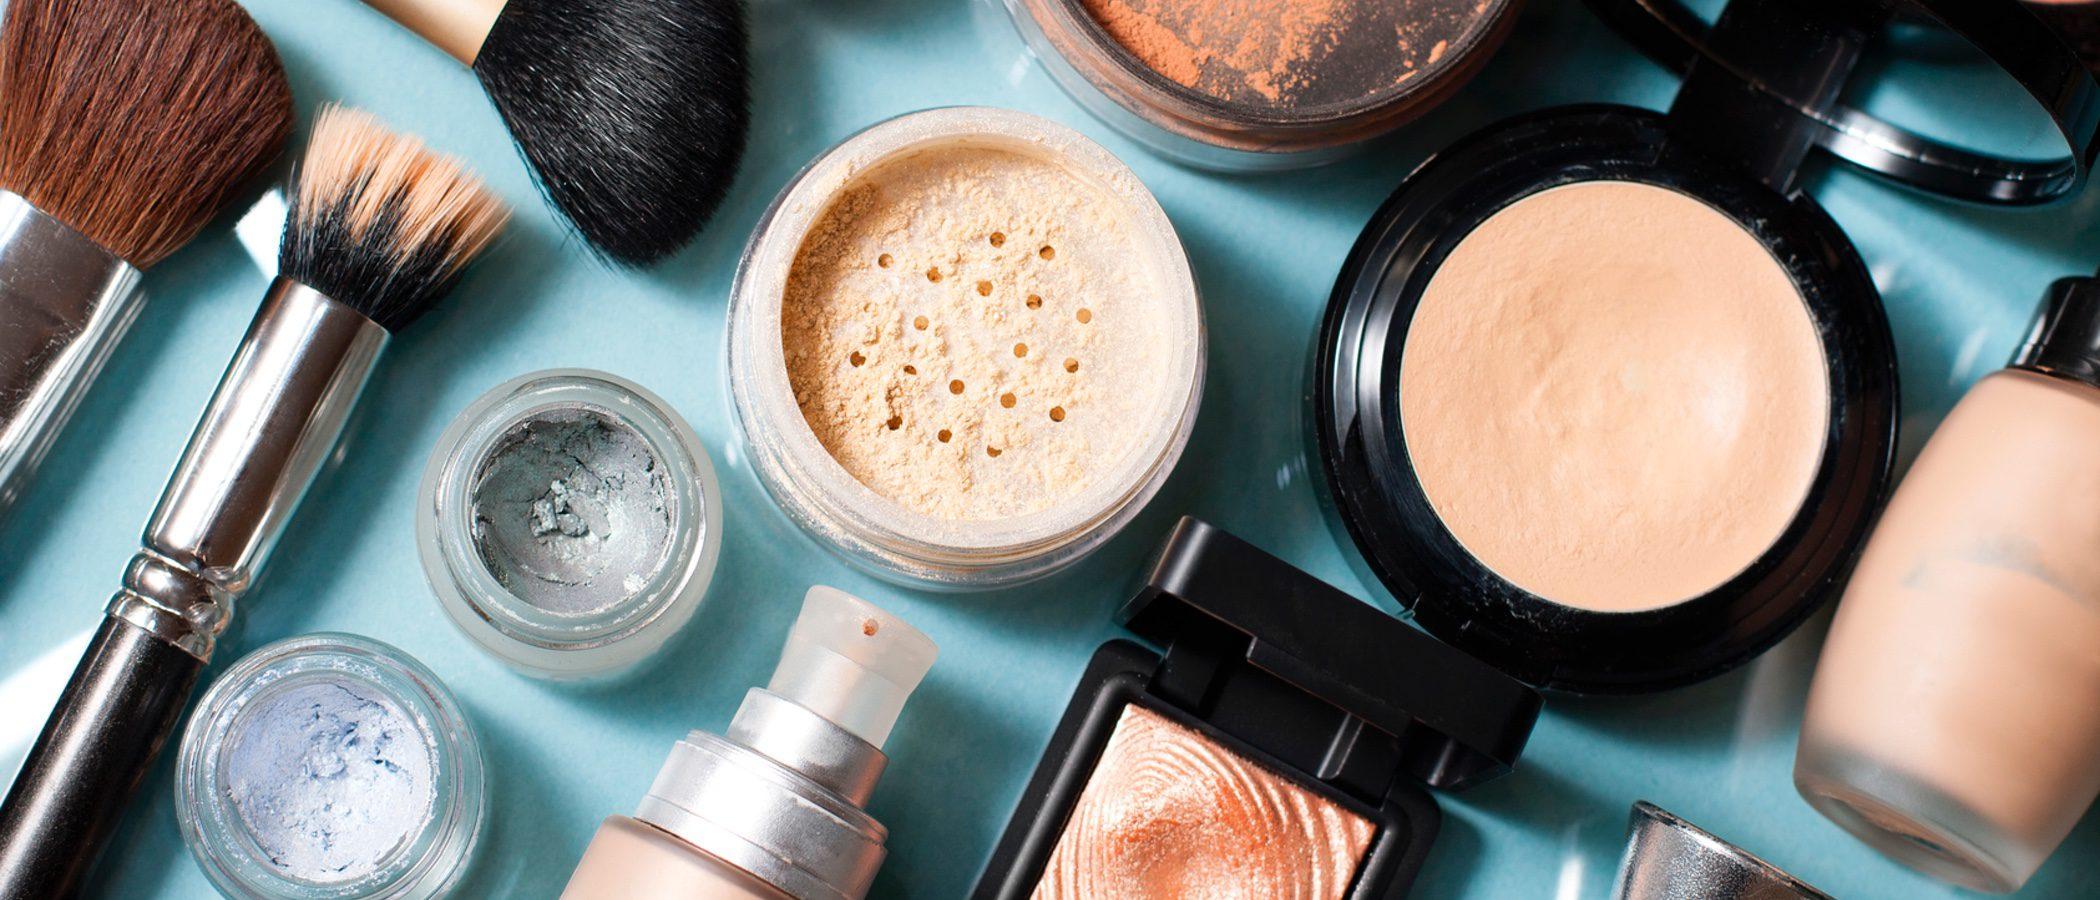 Cómo maquillarse contra el calor en verano